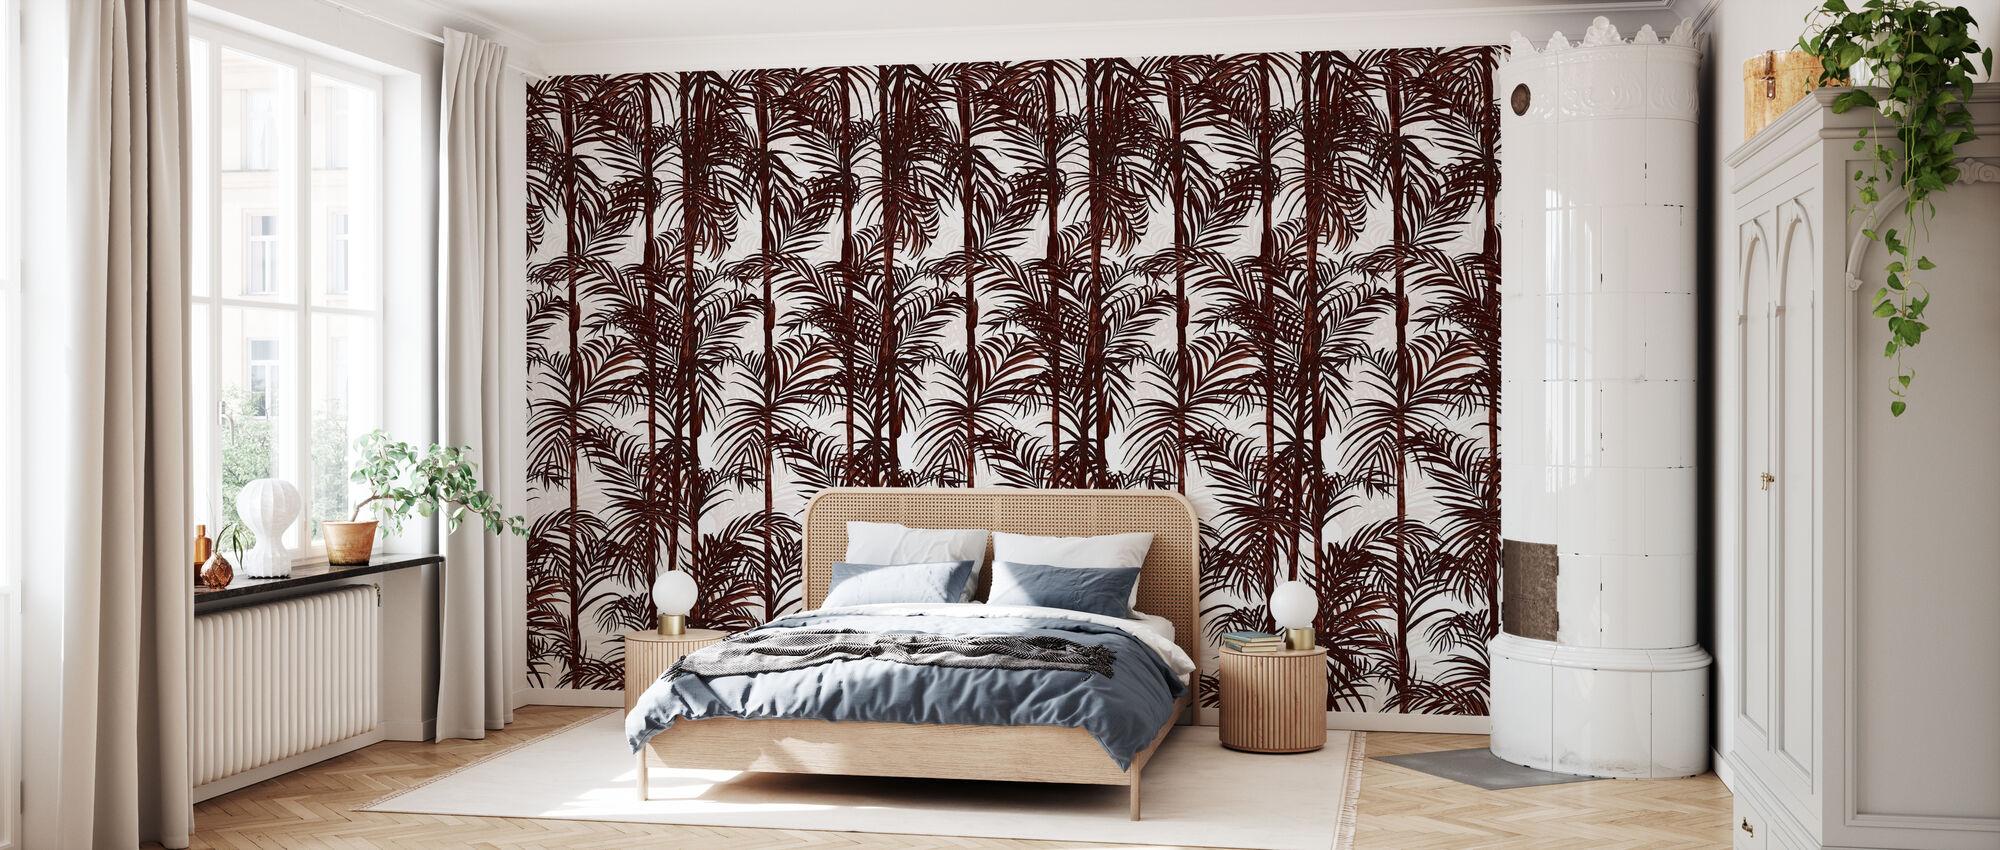 Plantkunde Bamboe - Diep Rood - Behang - Slaapkamer